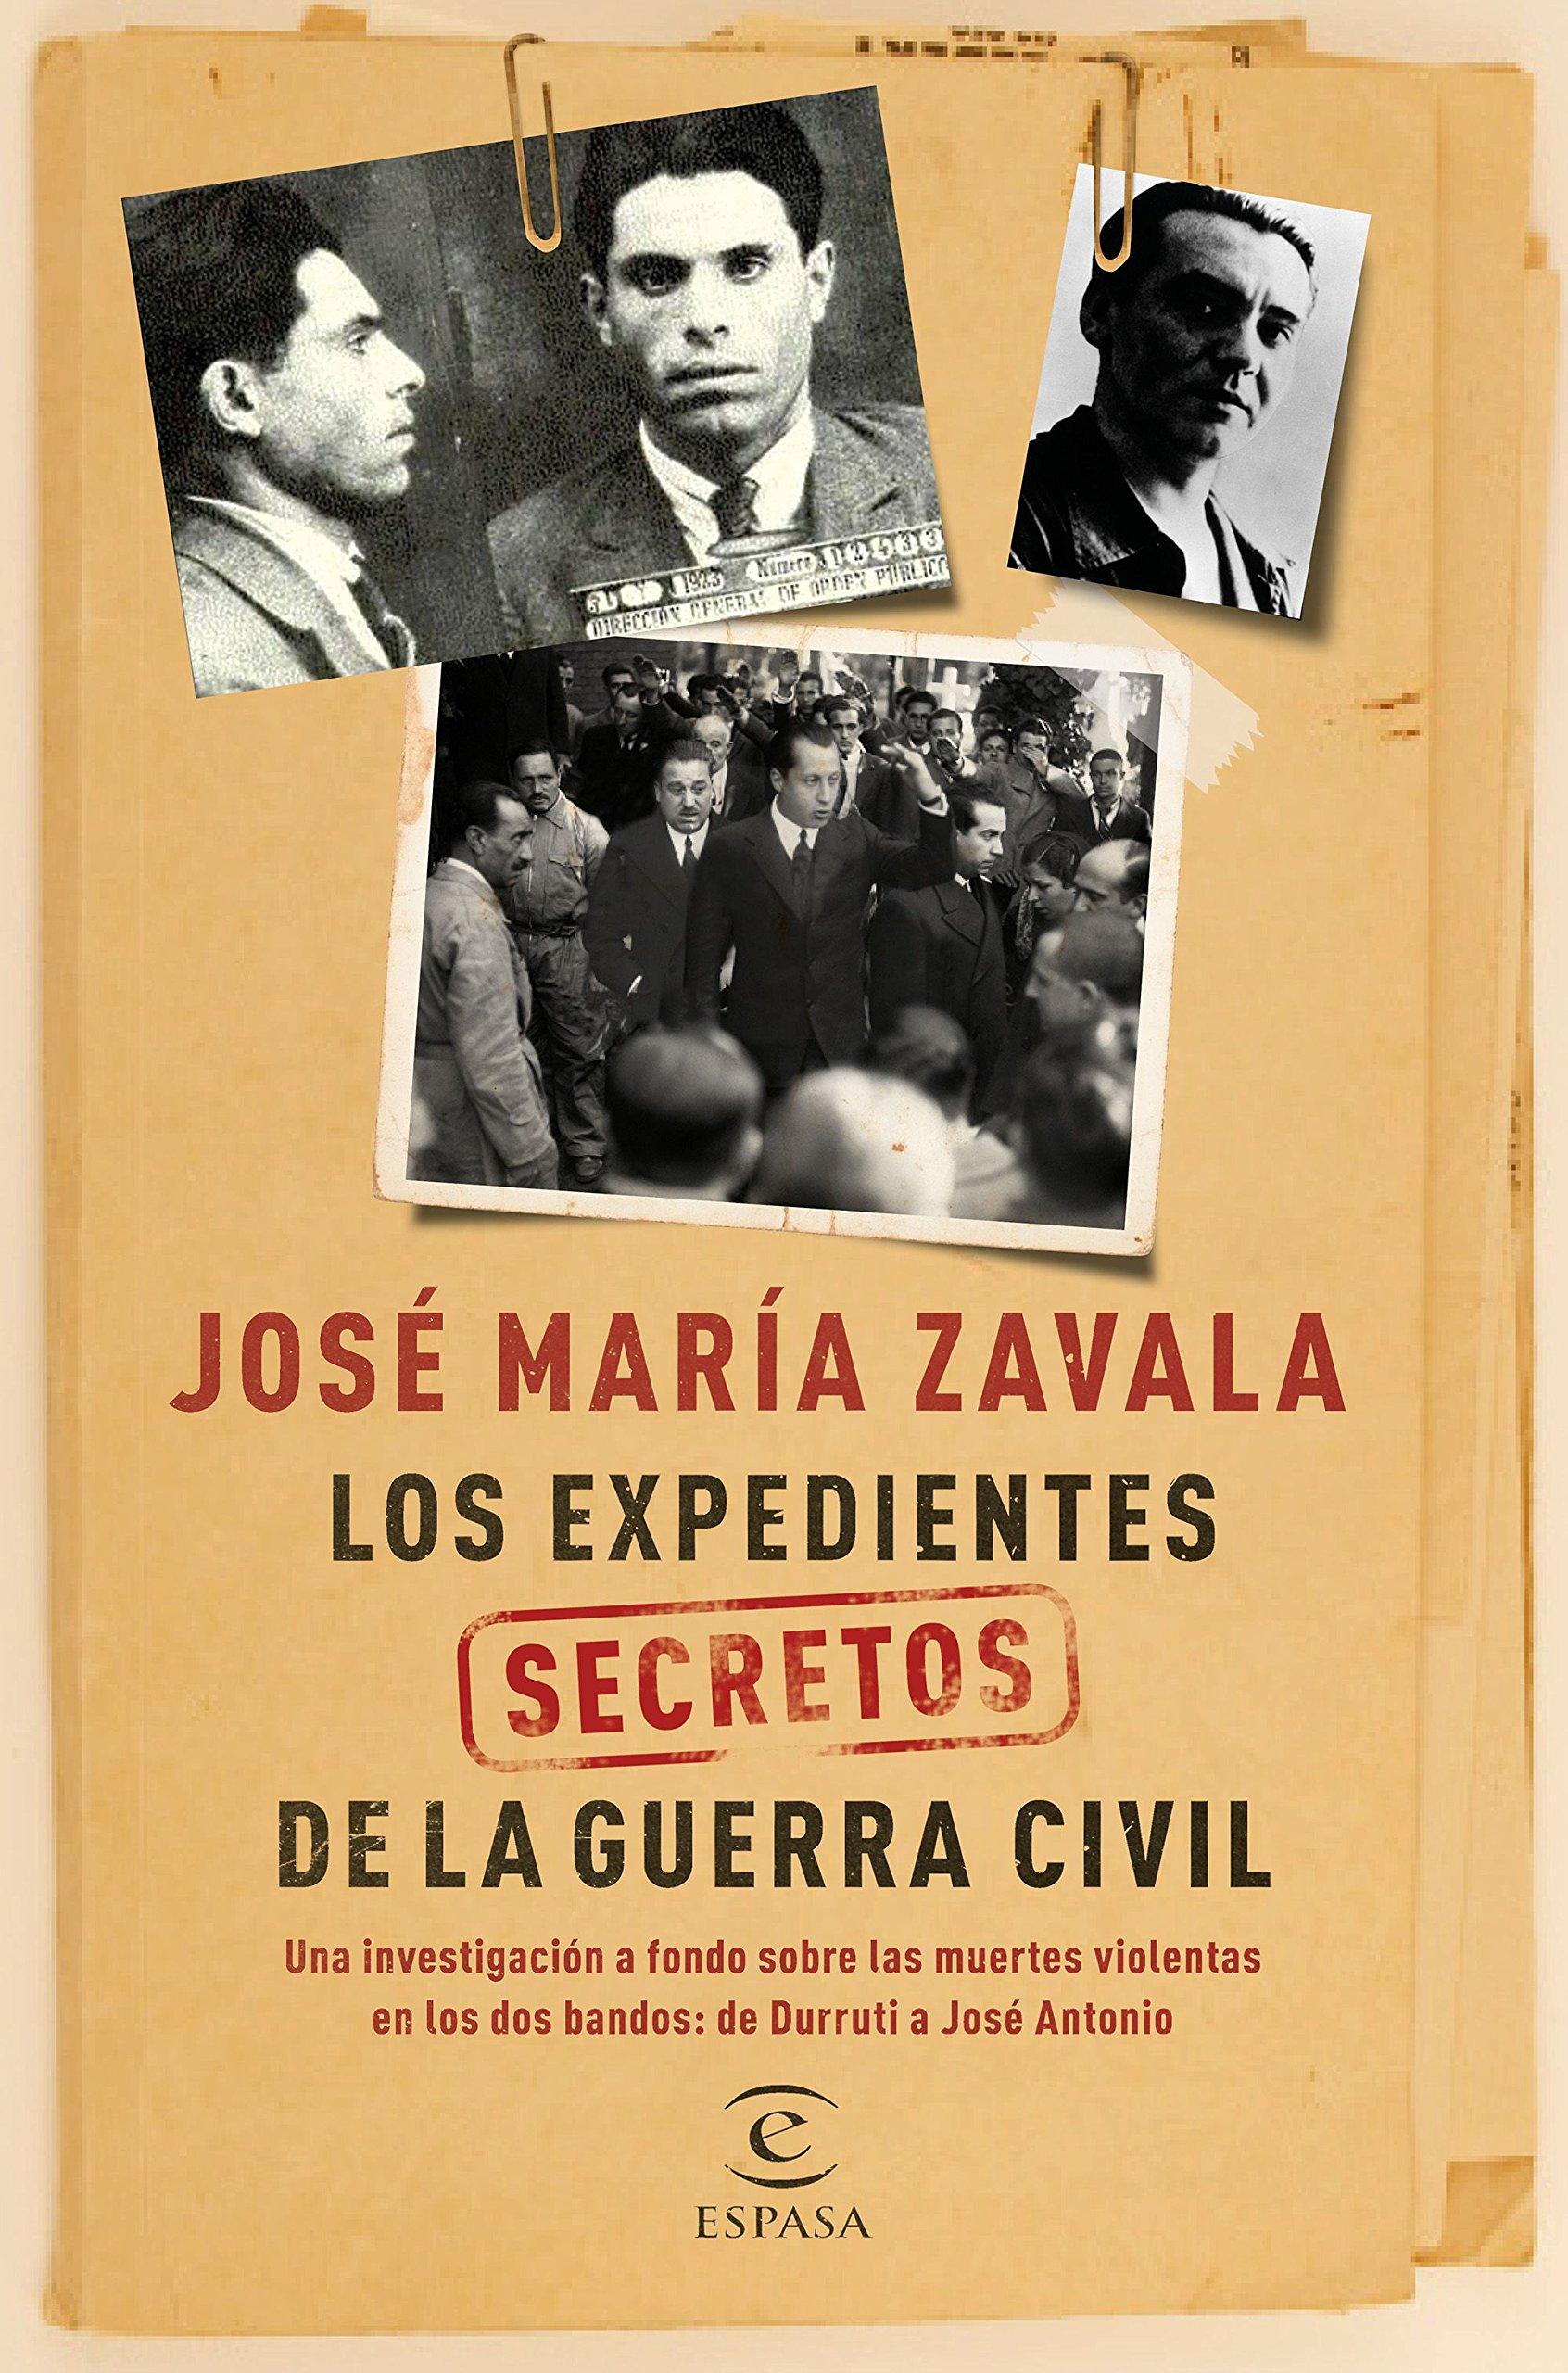 Los expedientes secretos de la Guerra Civil: Una investigación a fondo sobre las muertes violentas en los dos bandos de Durruti a José Antonio Fuera de colección: Amazon.es: Zavala, José María: Libros